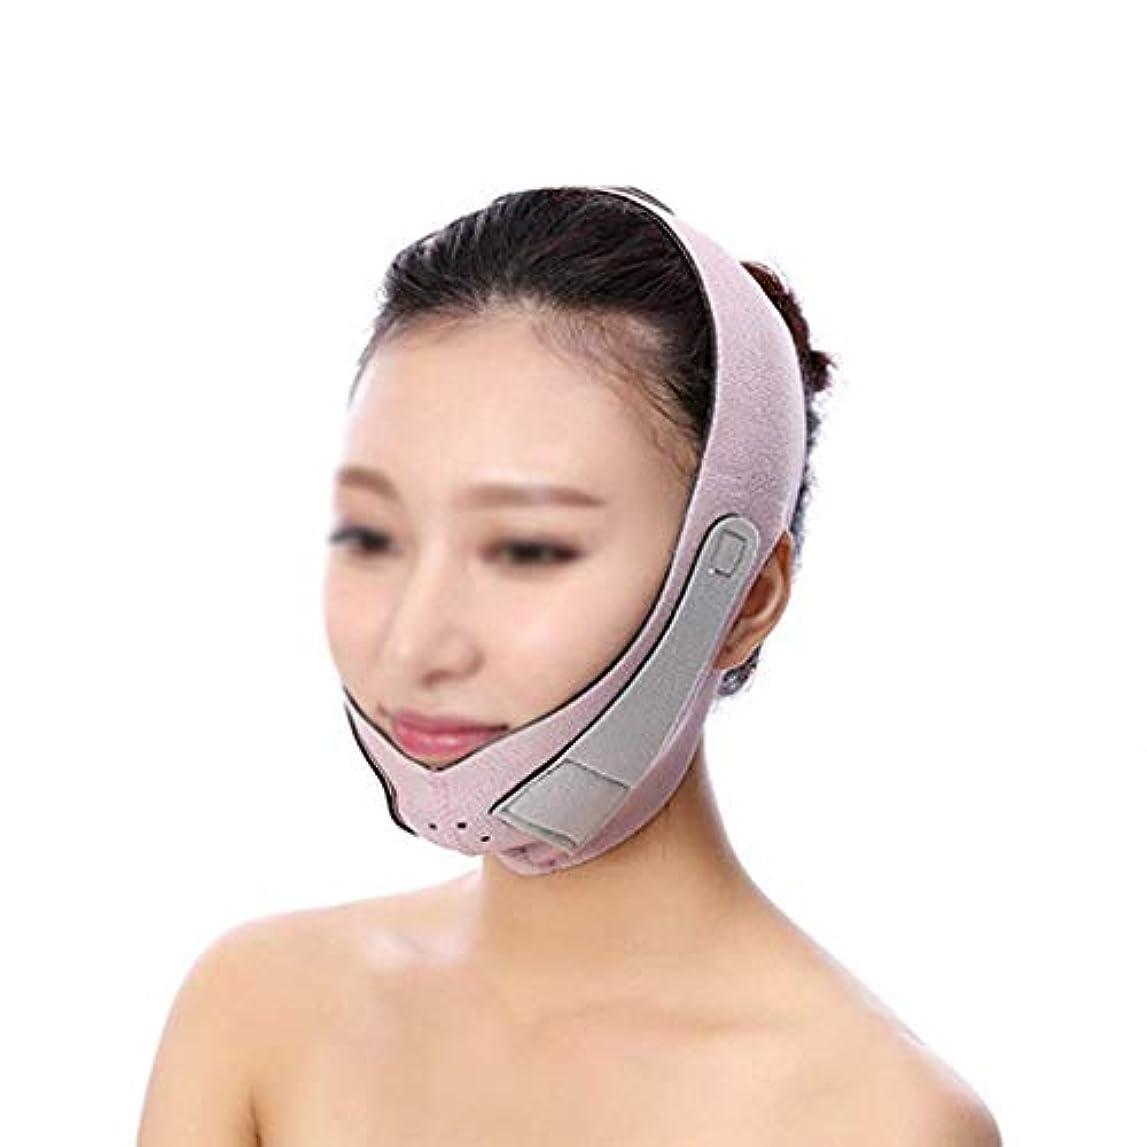 和解するミッション始める薄型フェイスマスク、フェイスリフティングに最適、フェイスバンドを持ち上げてスキン包帯を引き締める、チークチンリフティング、スキン包帯を引き締める(フリーサイズ)(カラー:オレンジ),紫の